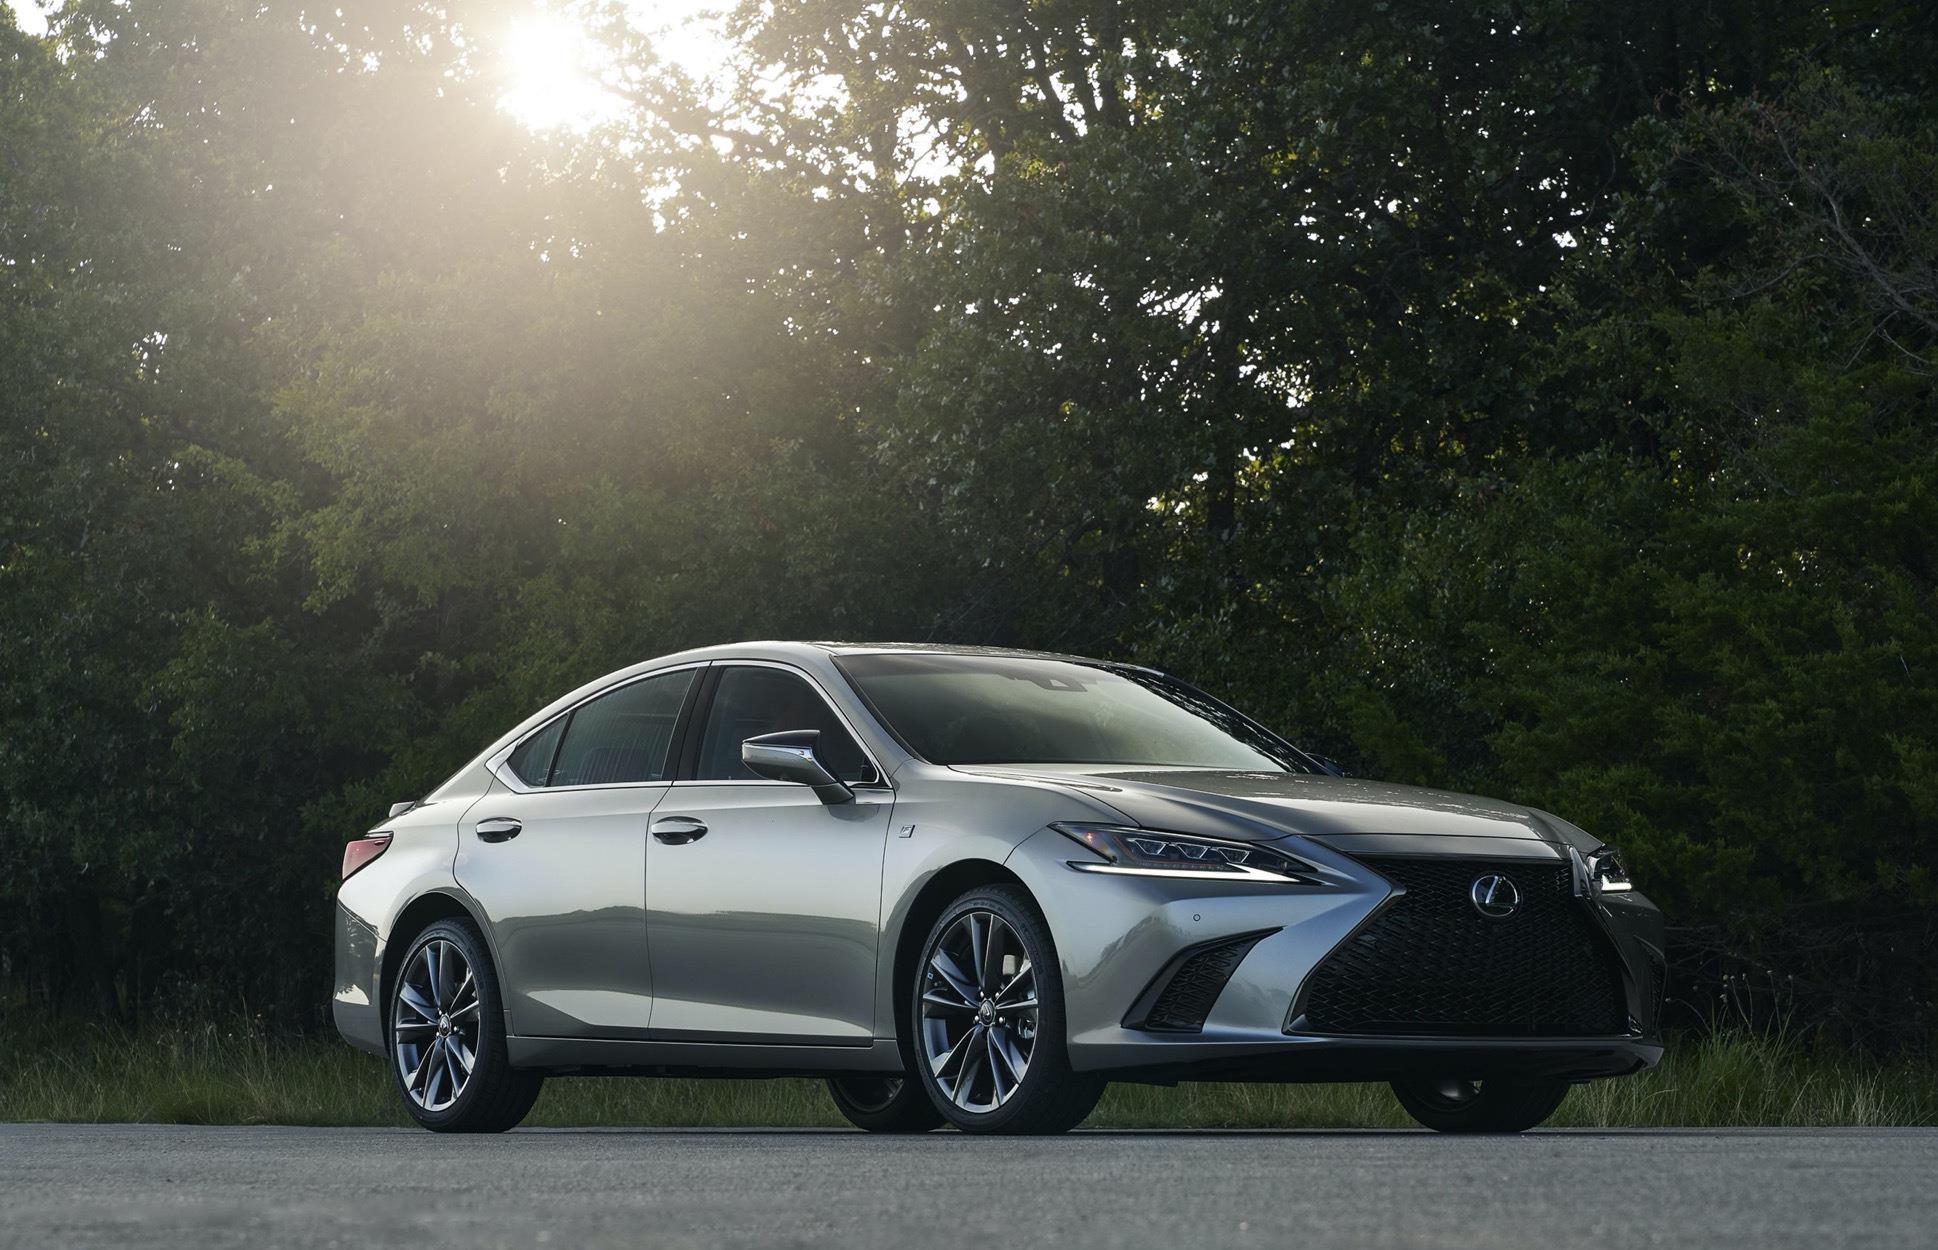 豐田又一豪車來襲,車長近5米,2.5L自吸發動機配四驅,油耗6.3L-圖2